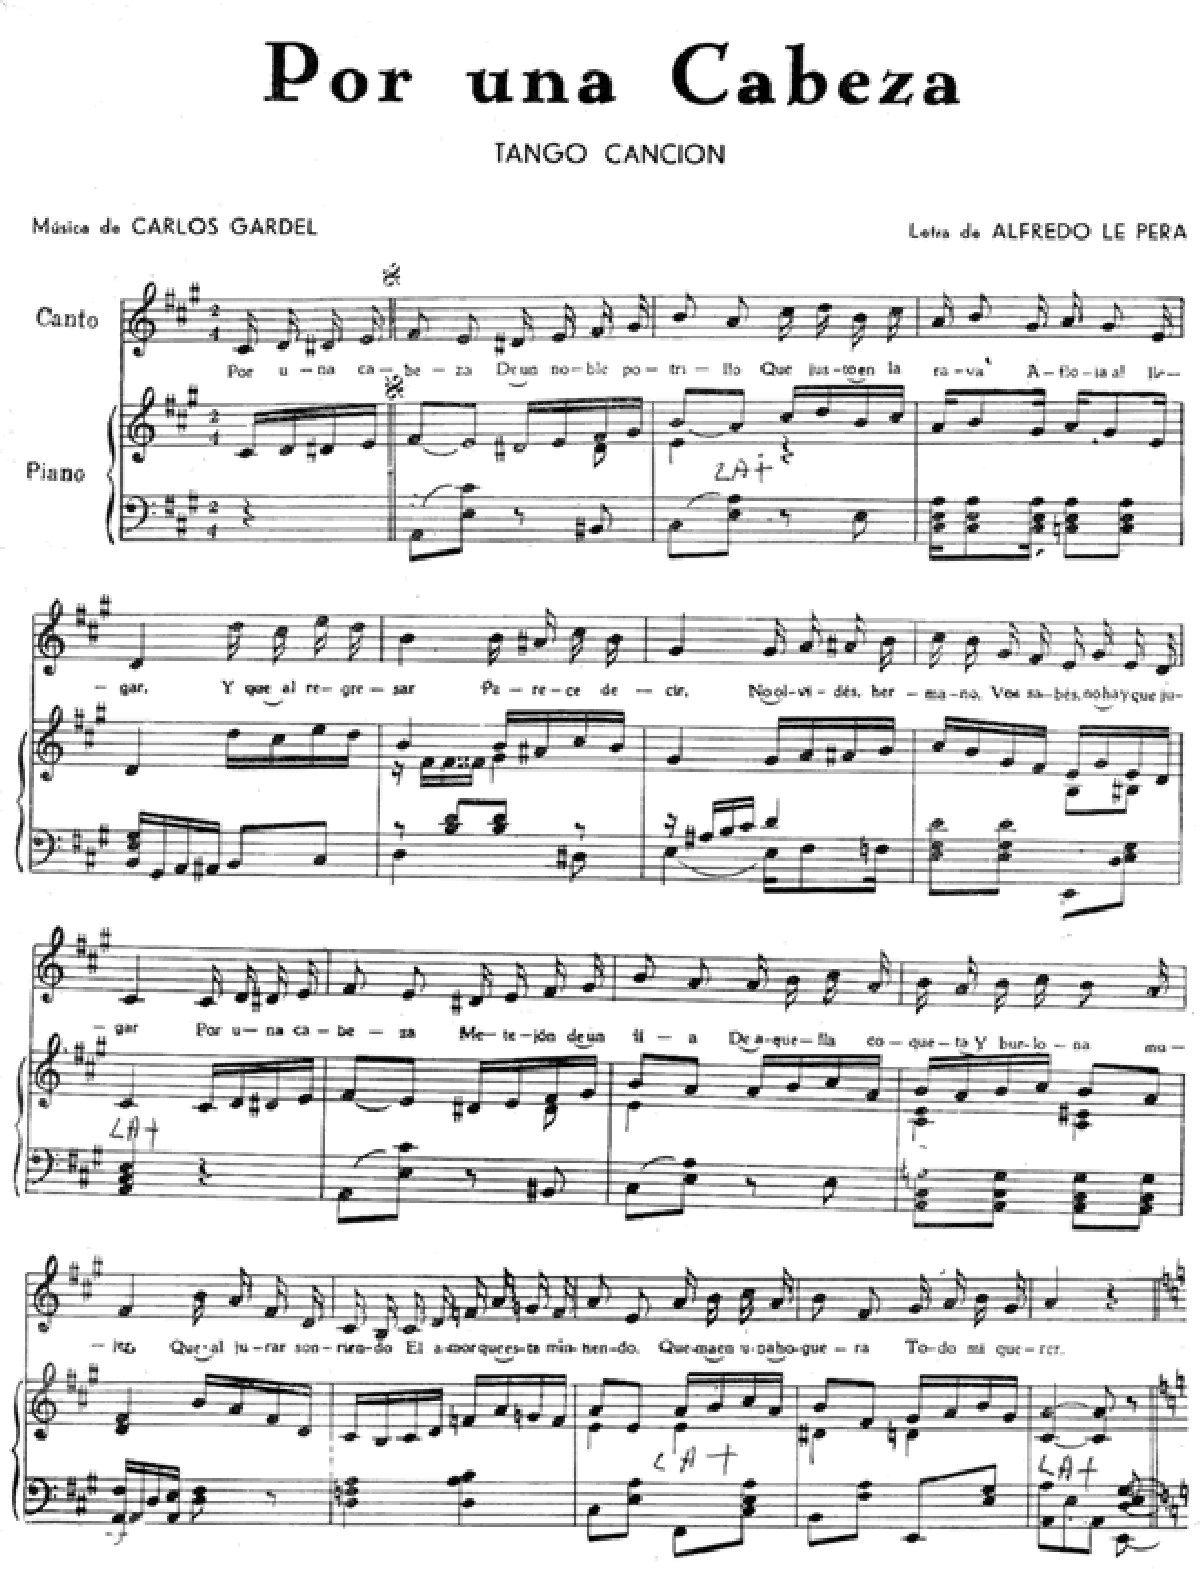 19 Ideas De Partituras Tango Partituras Tango Musica Partituras